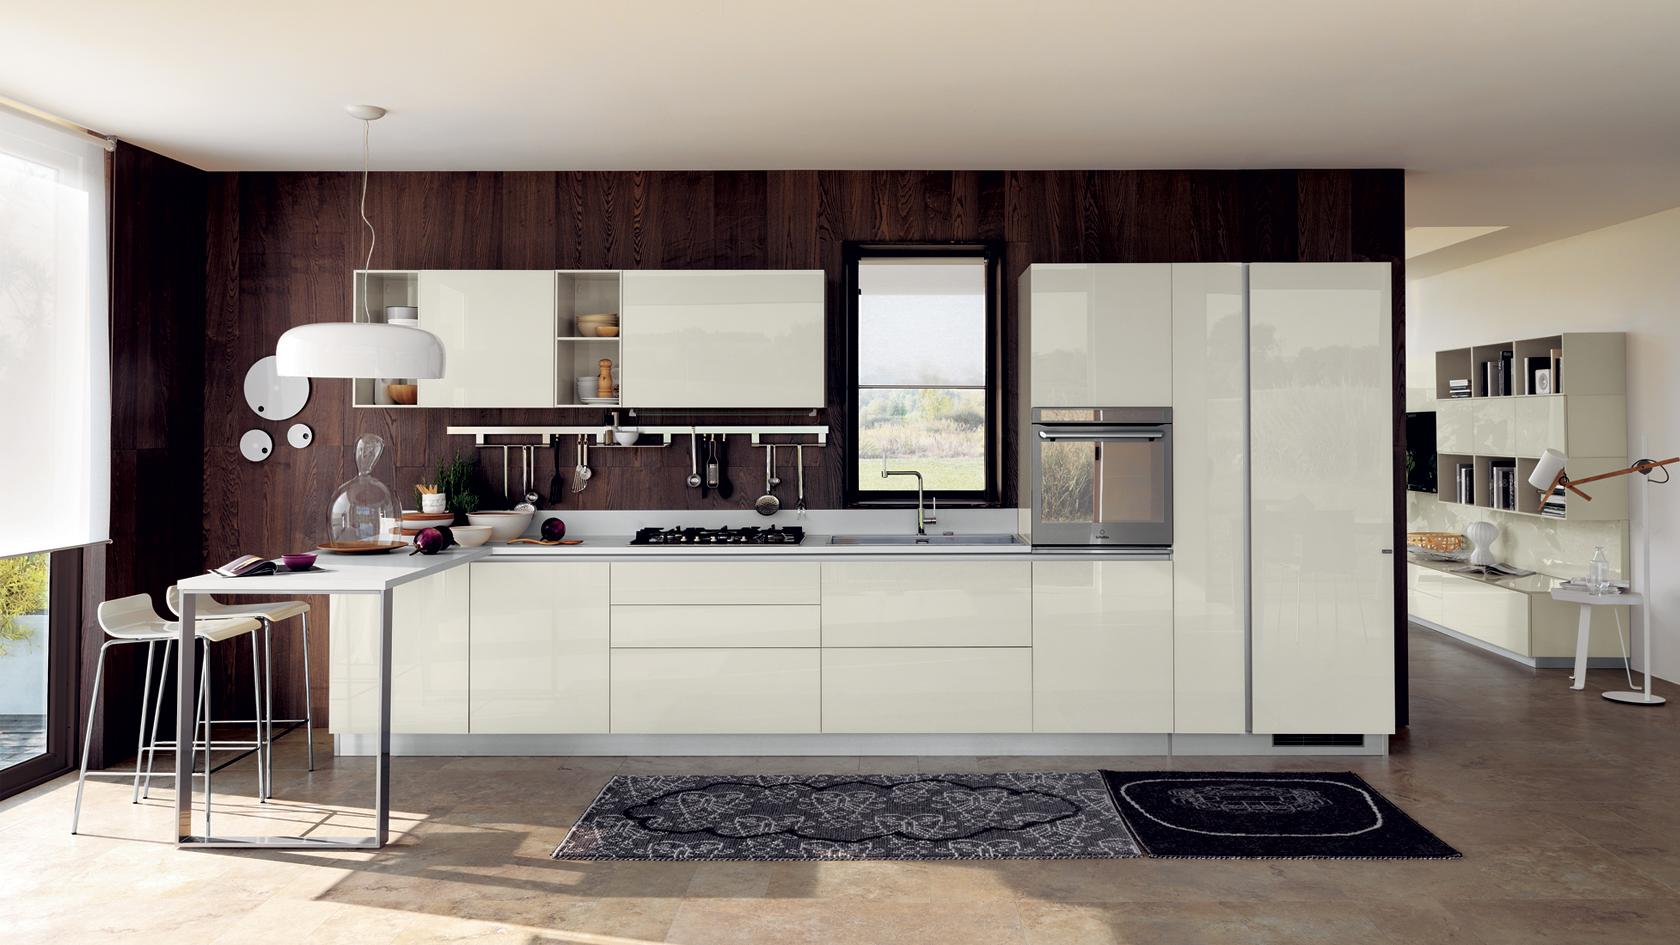 cucina-scavolini-liberamente-arredamenti-modena-3 - Arredamenti ...